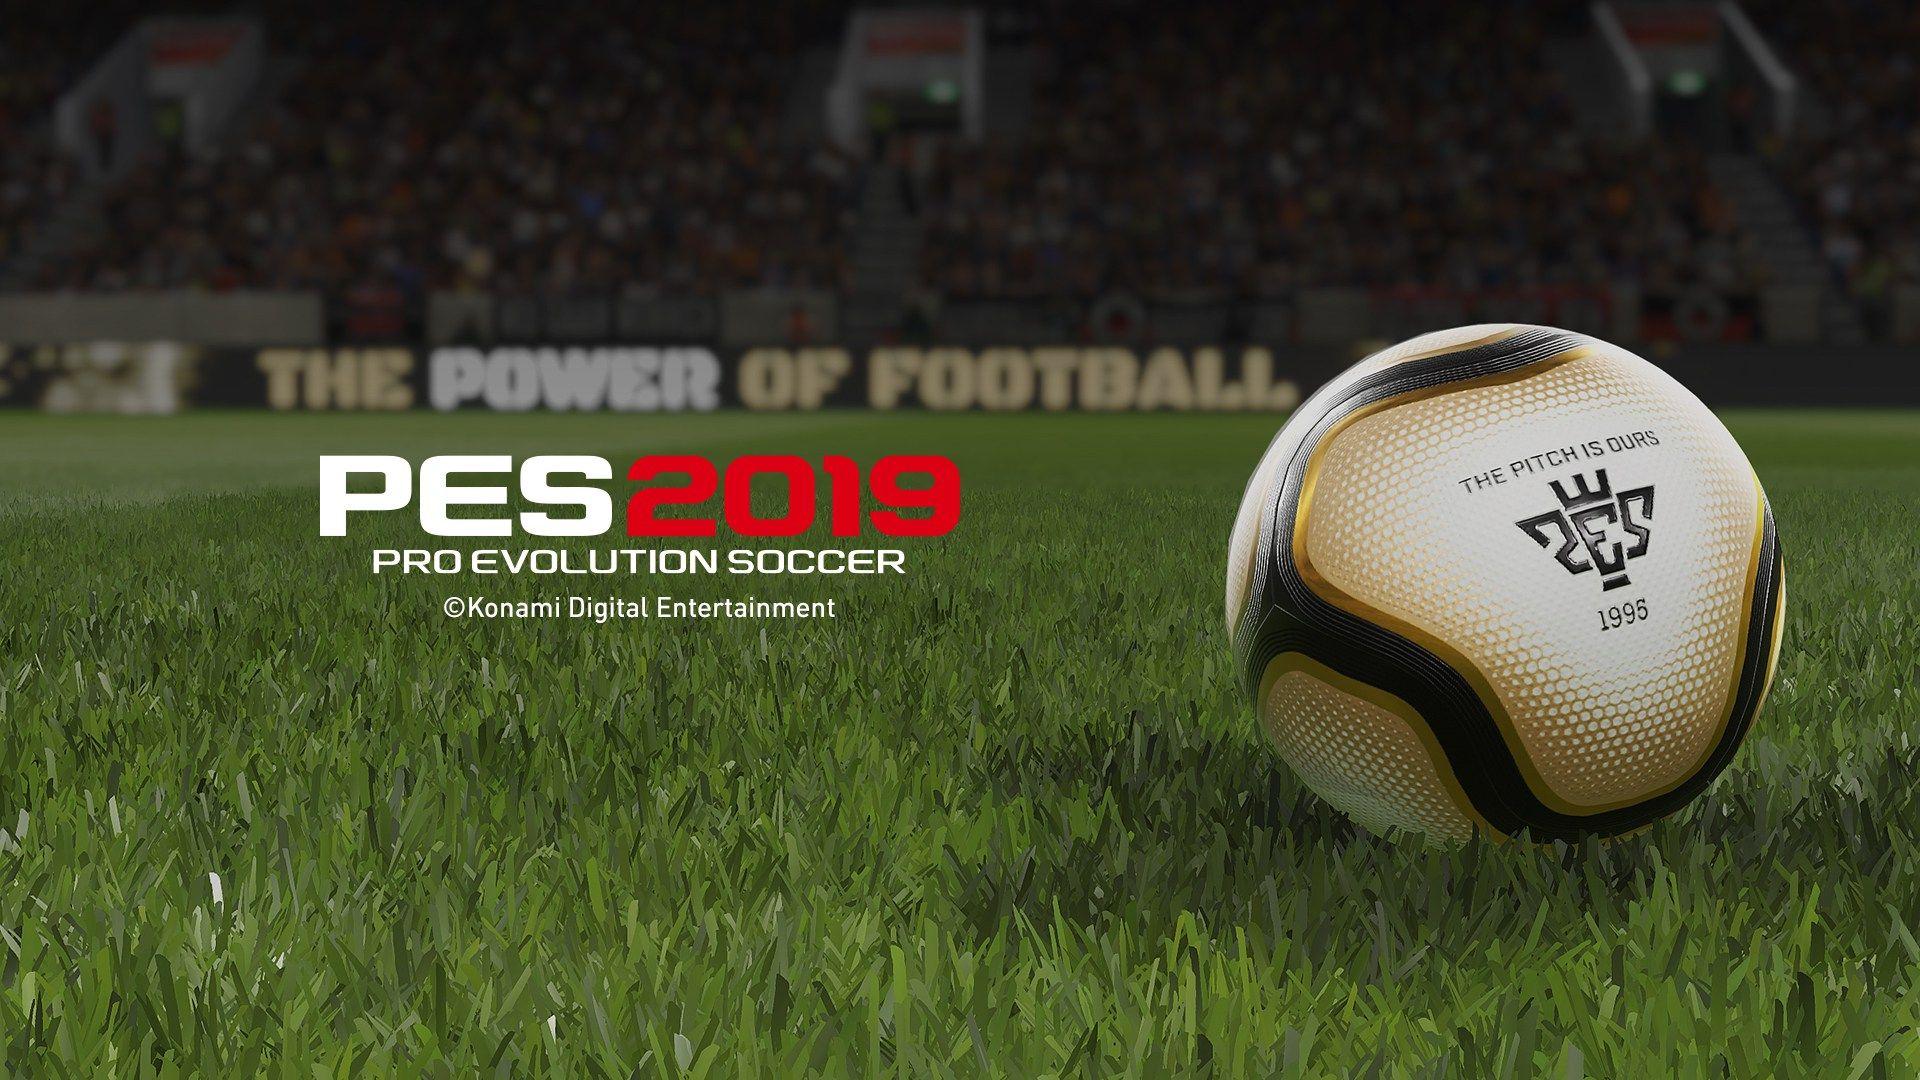 Pes 2019 Wallpapers Pes 2019 Pro Evolution Soccer Soccer Evolution